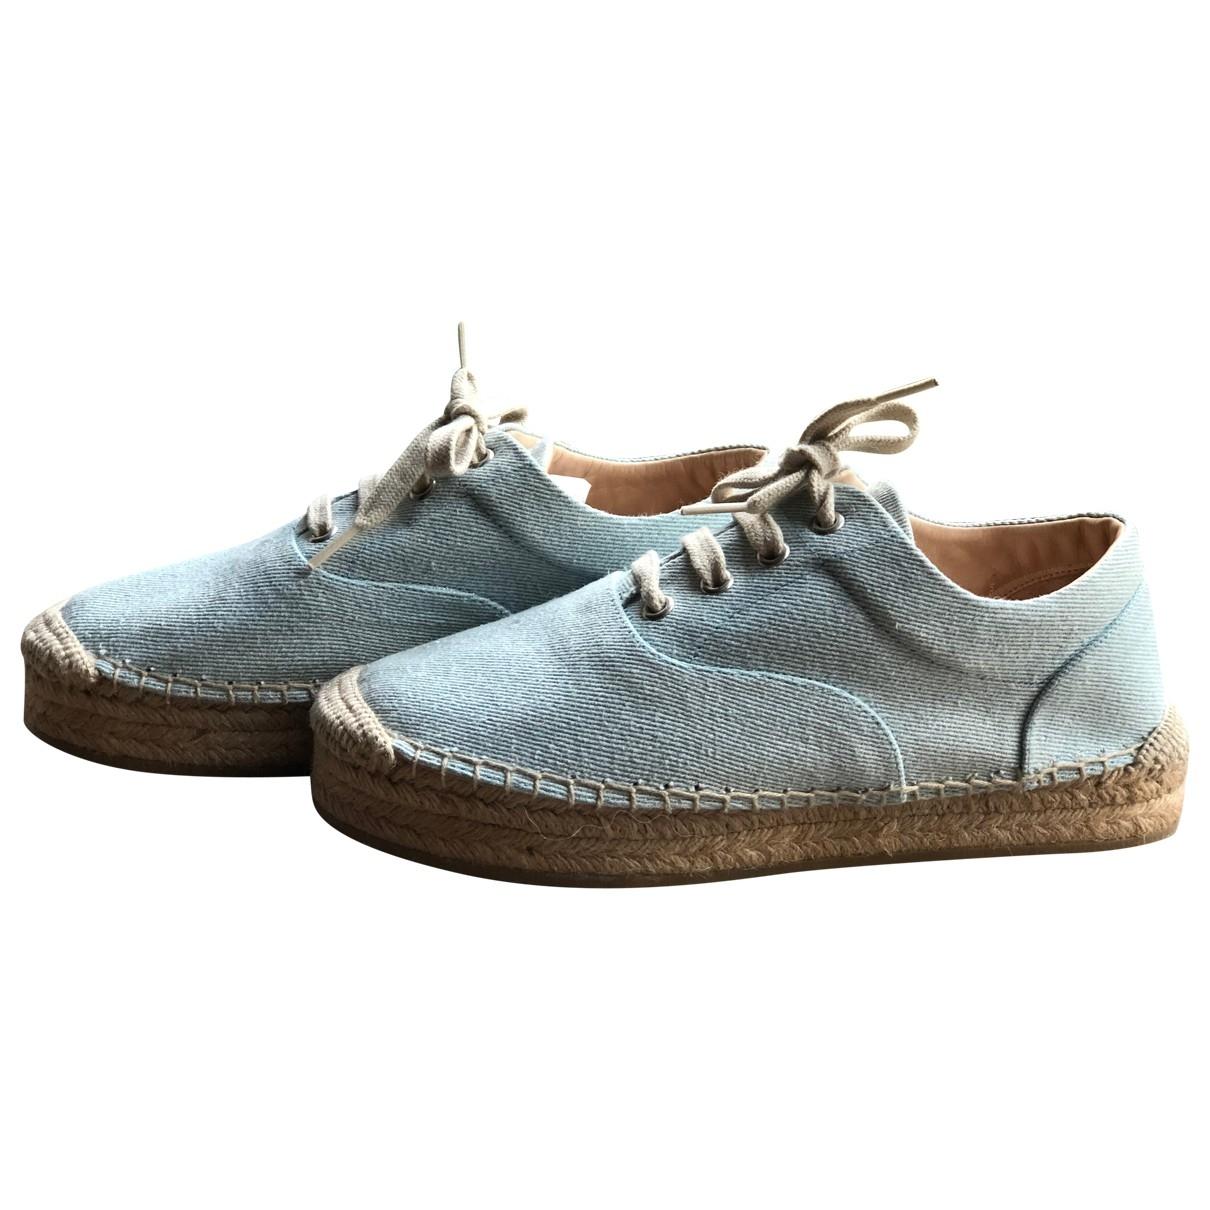 Mm6 \N Espadrilles in  Blau Denim - Jeans